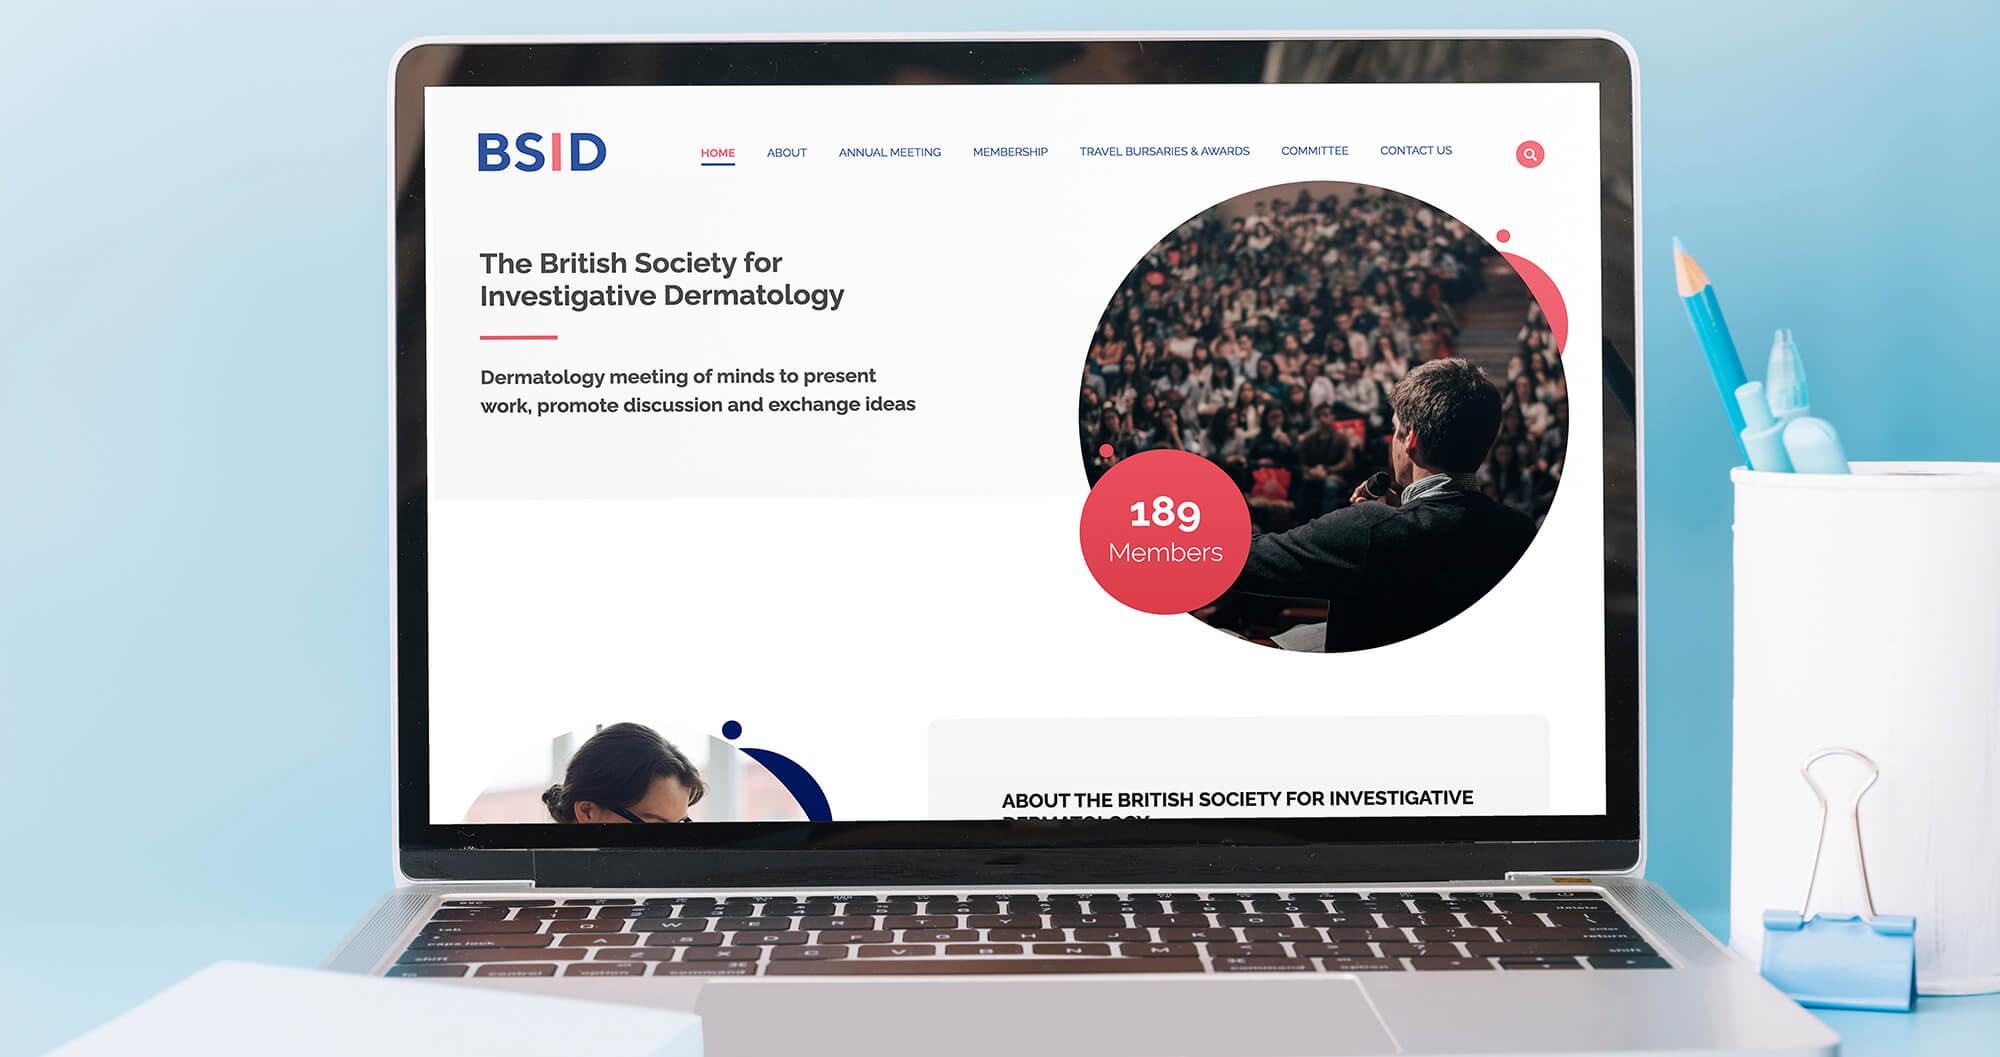 BSID website shown on a laptop screen